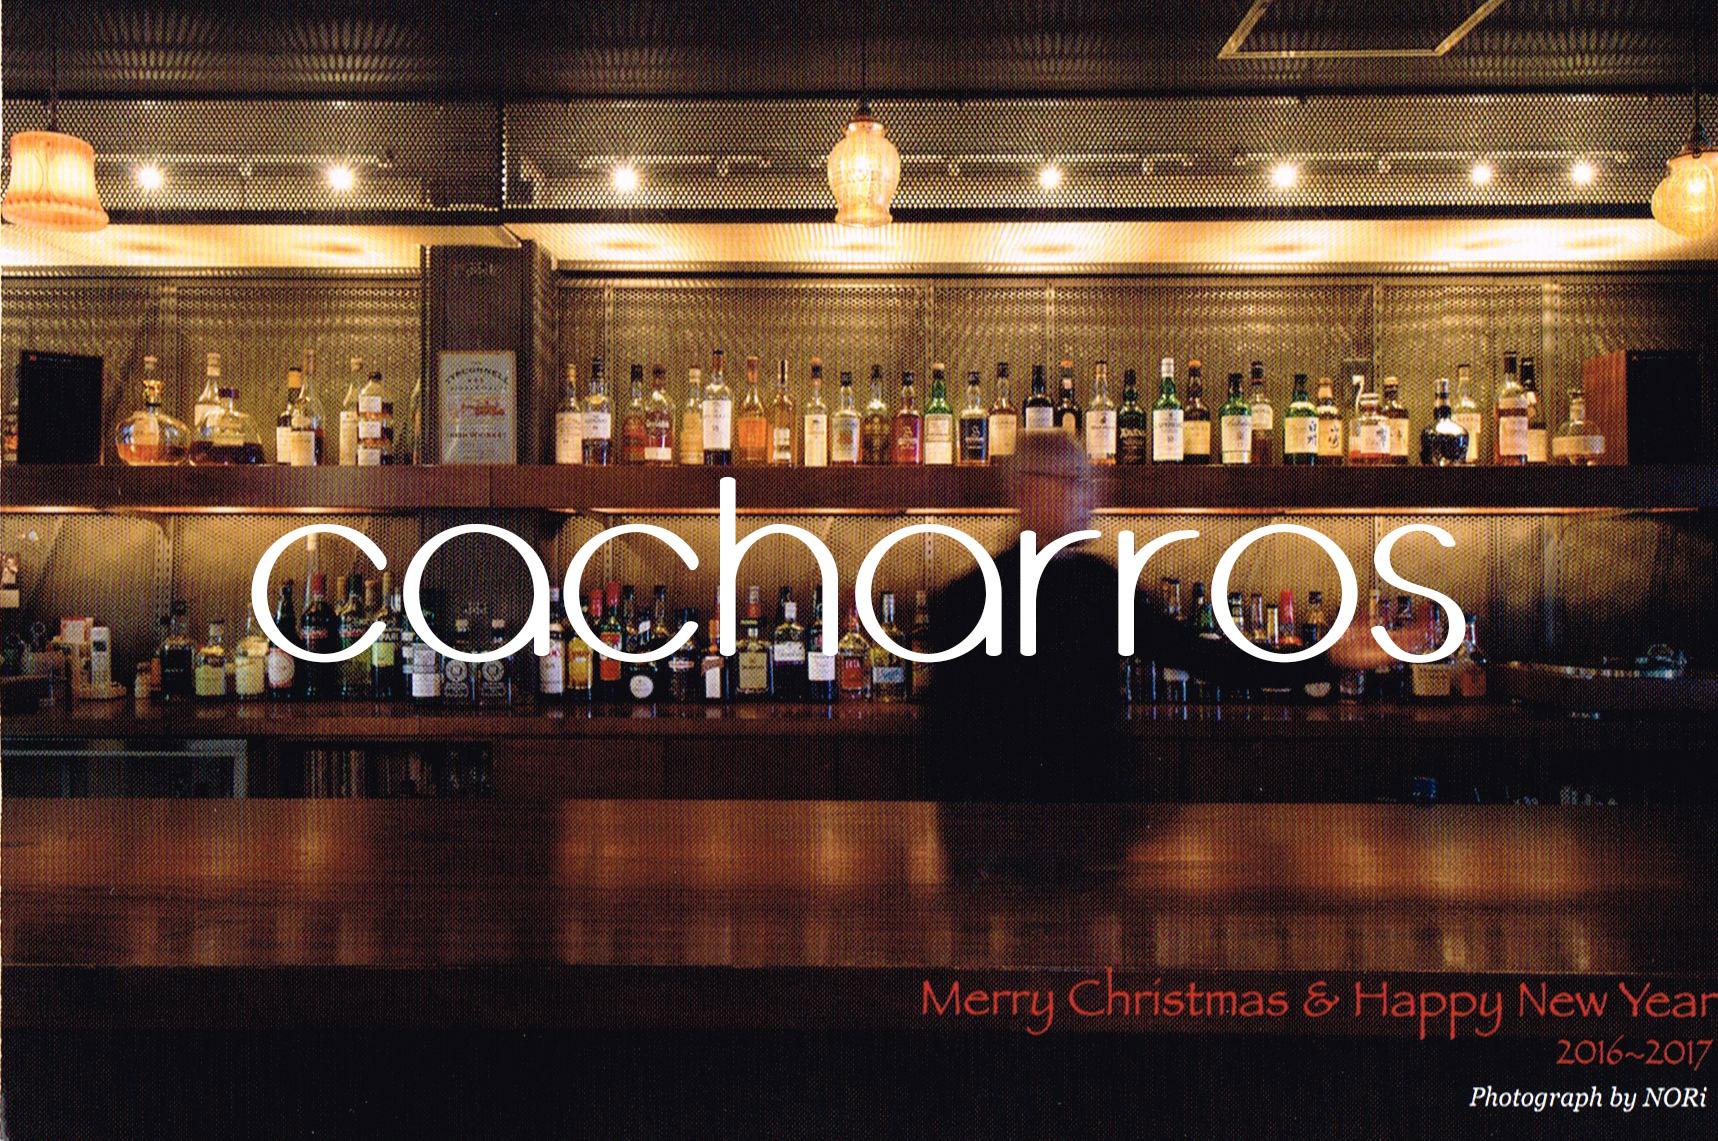 「カチャロス」から年末年始の休日のお知らせ